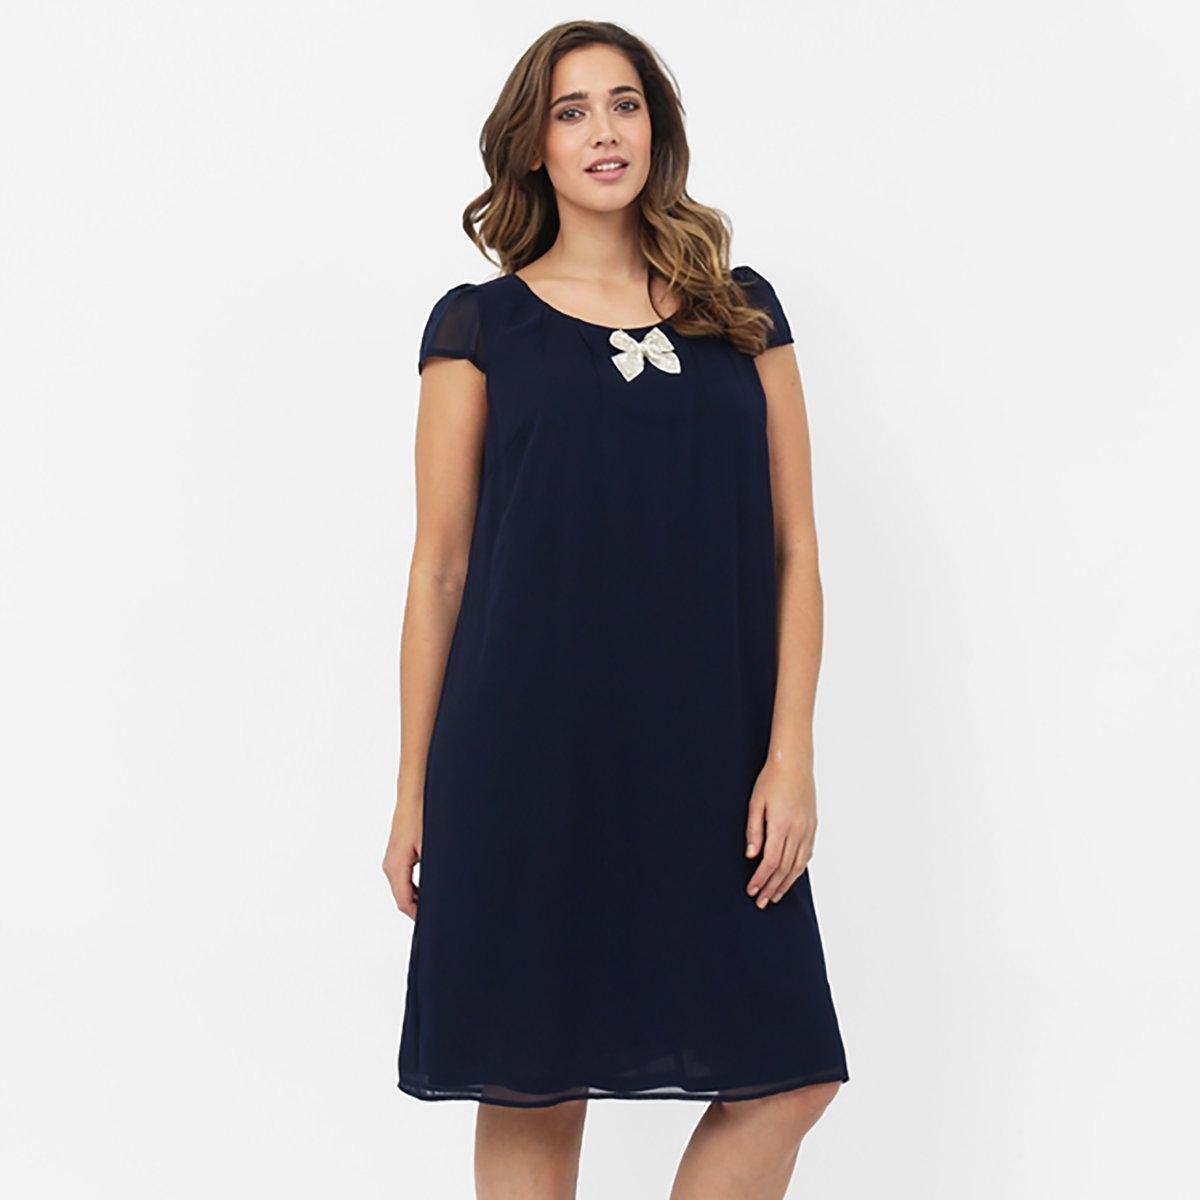 ПлатьеПлатье с короткими рукавами KOKO BY KOKO. Круглый вырез. Небольшой бант на вырезе . Длина до колена. Объемный покрой. Длина ок. 100 см . 100% полиэстера.<br><br>Цвет: синий морской<br>Размер: 58/60 (FR) - 64/66 (RUS)